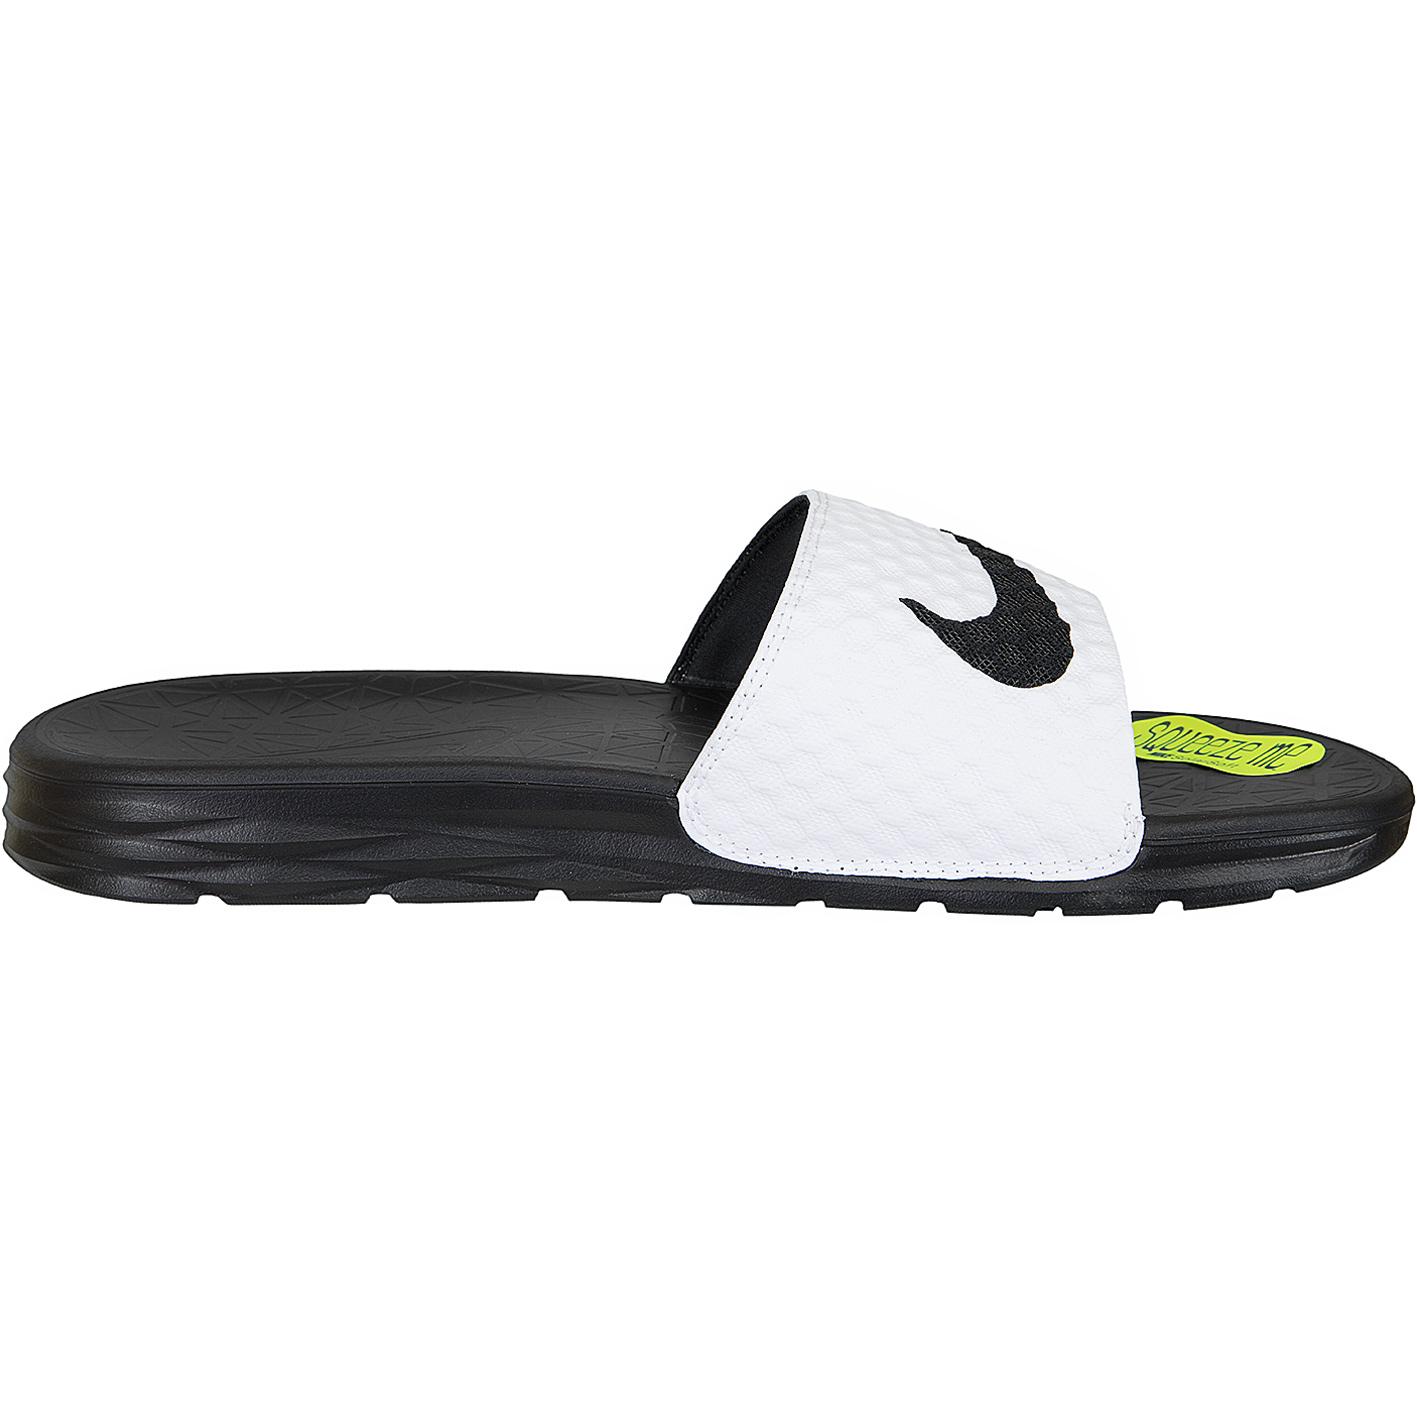 78e9a4f0a90cd1 ☆ Nike Sandalen Benassi Solarsoft 2 weiß schwarz - hier bestellen!